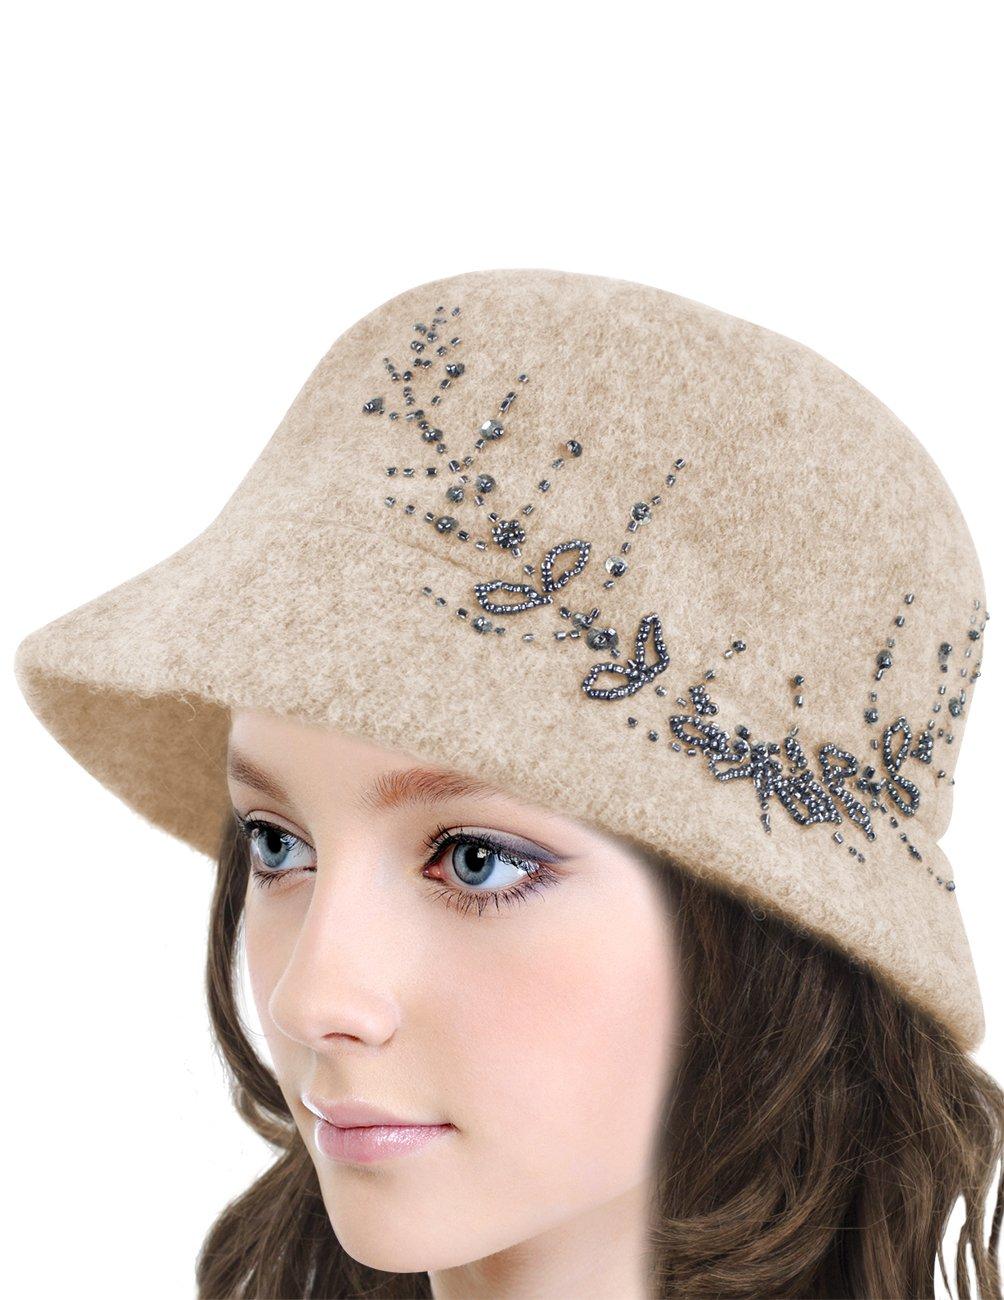 Dahlia Women's Wool Blend Hand Beaded Winter Bucket Hat/Cloche Hat - Tan by Dahlia (Image #2)